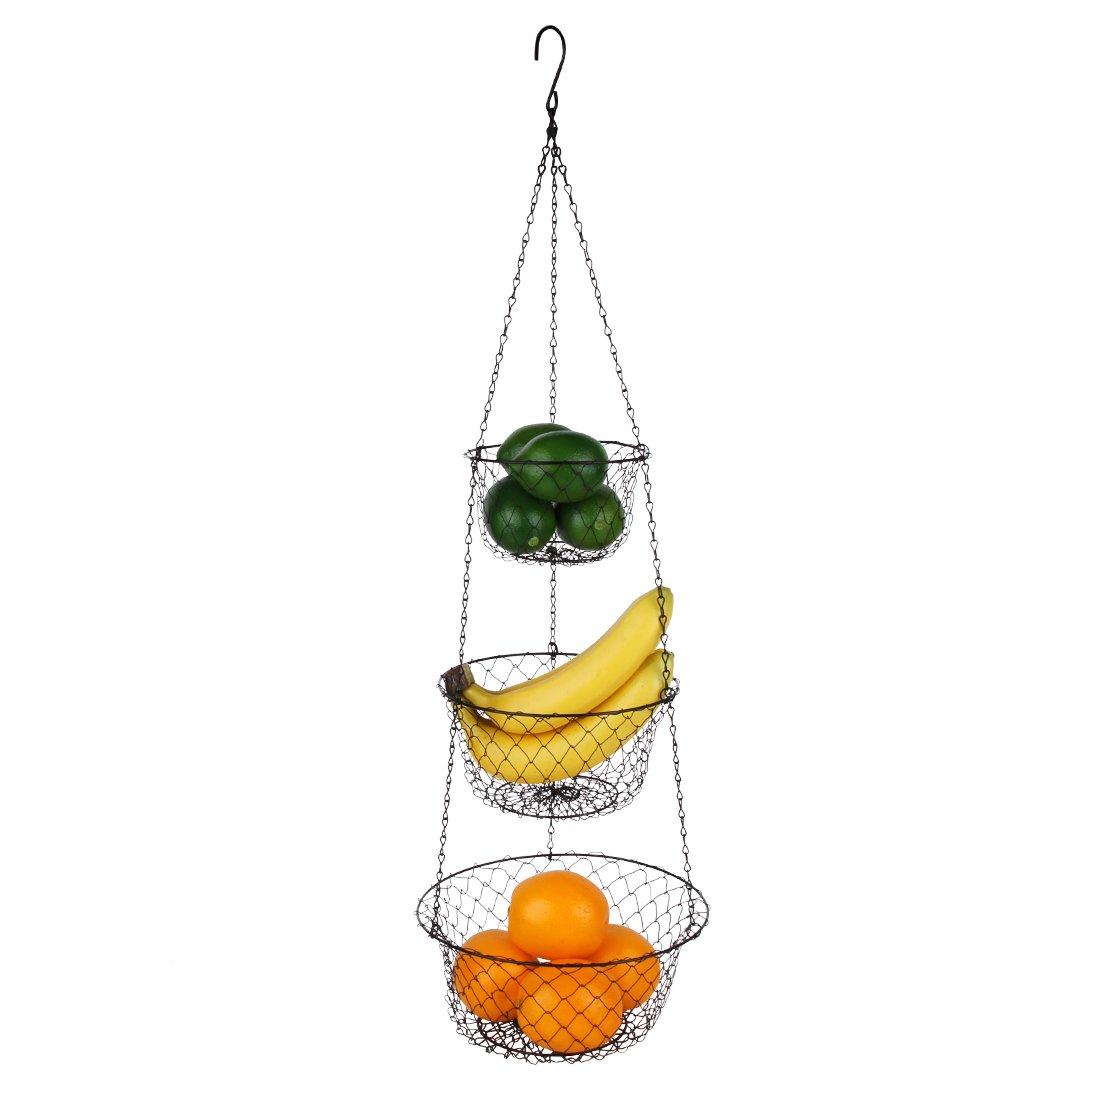 Tai-ying 3 Tier Wire hanging fruit baskets,Vegetable or Fruit hanging basket Kitchen Storage Handmade Basket,Black